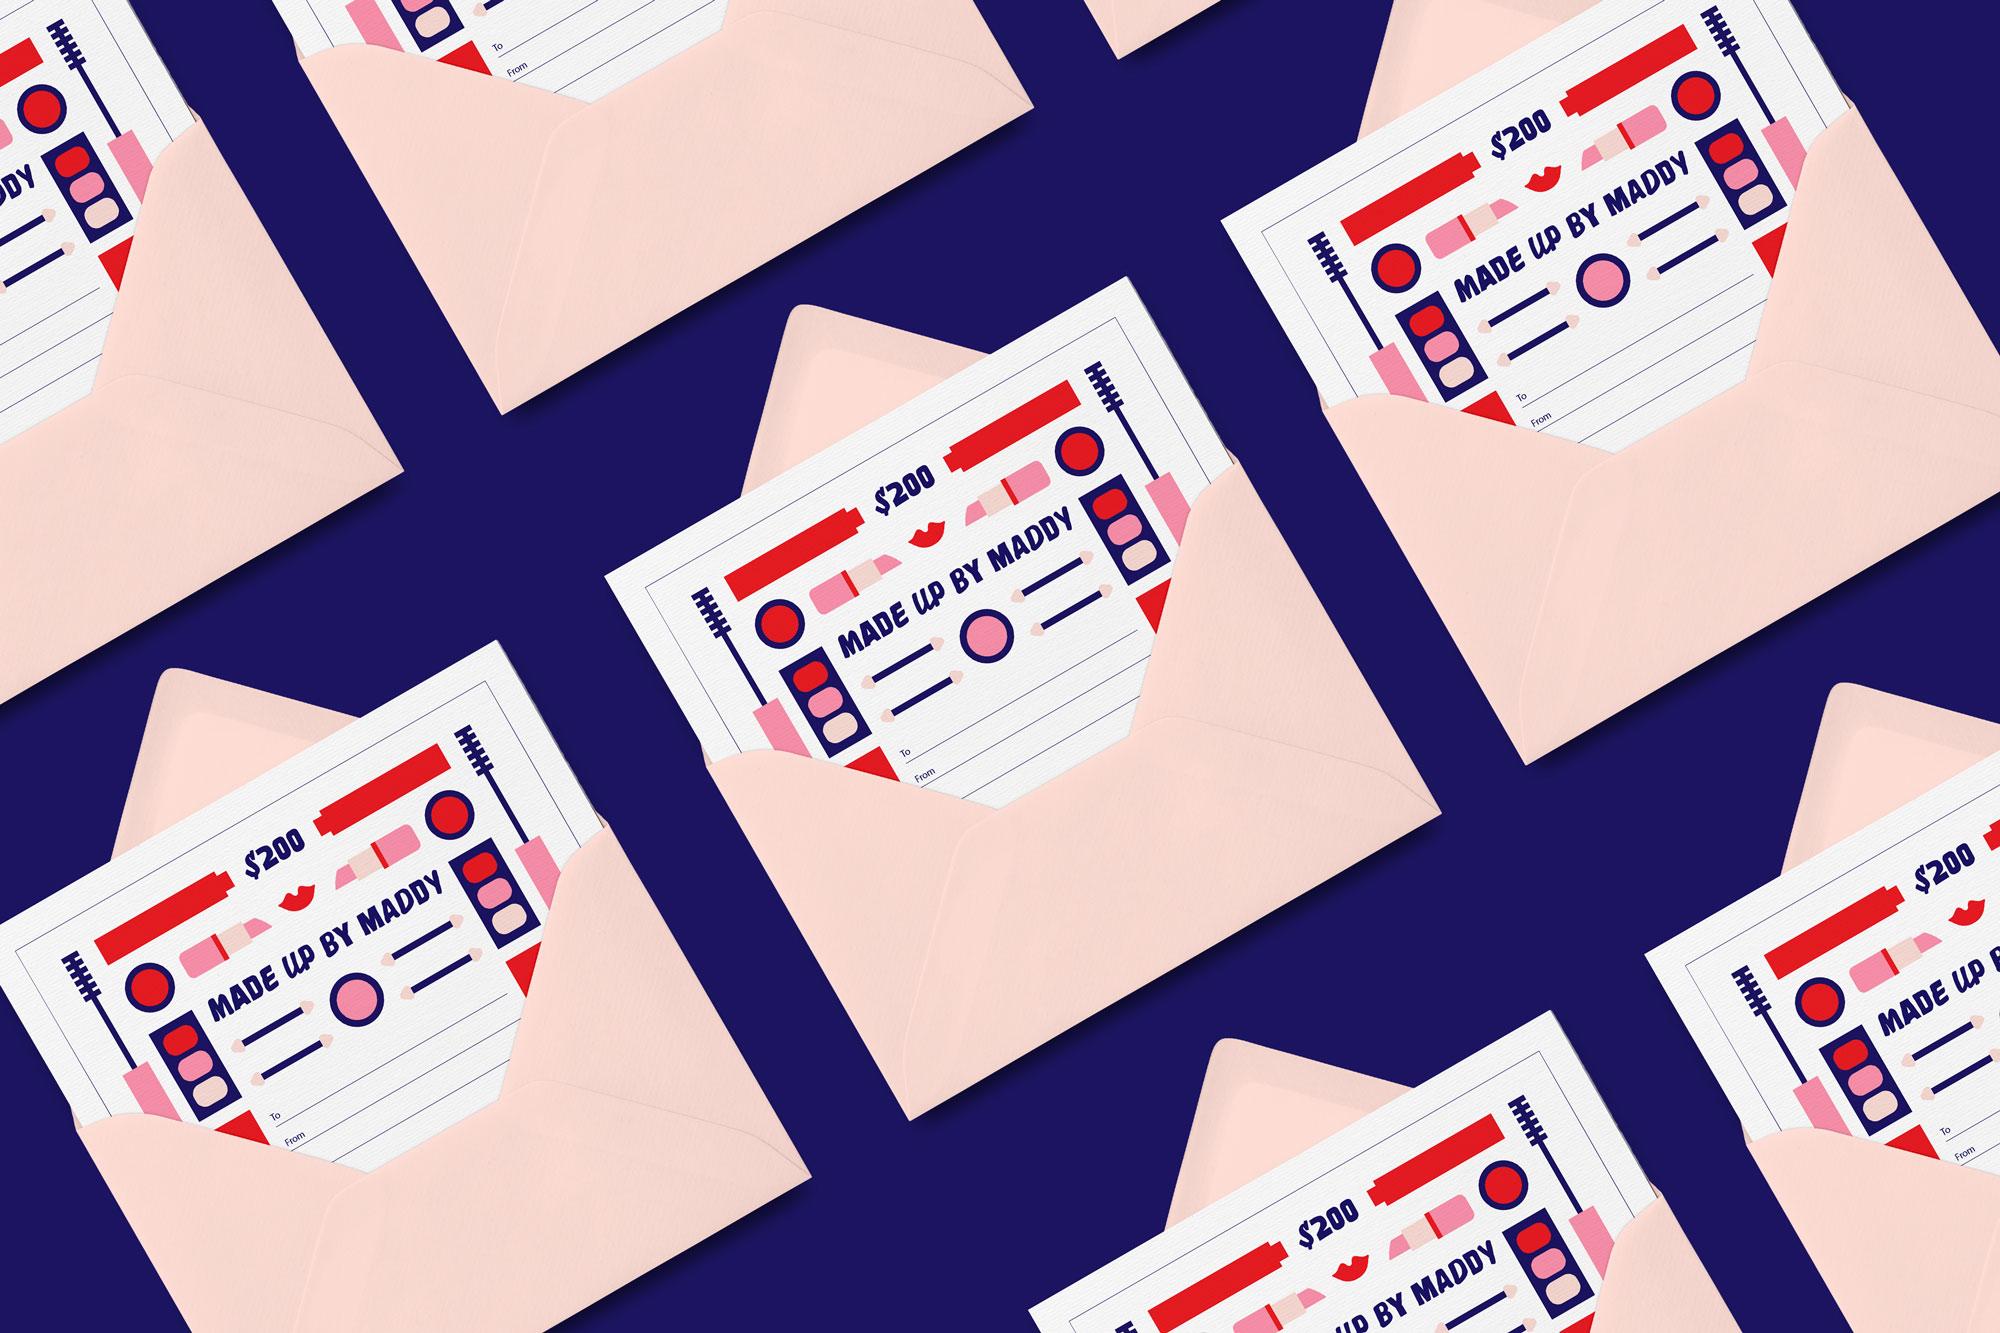 gl-mubm-giftcards-02.jpg